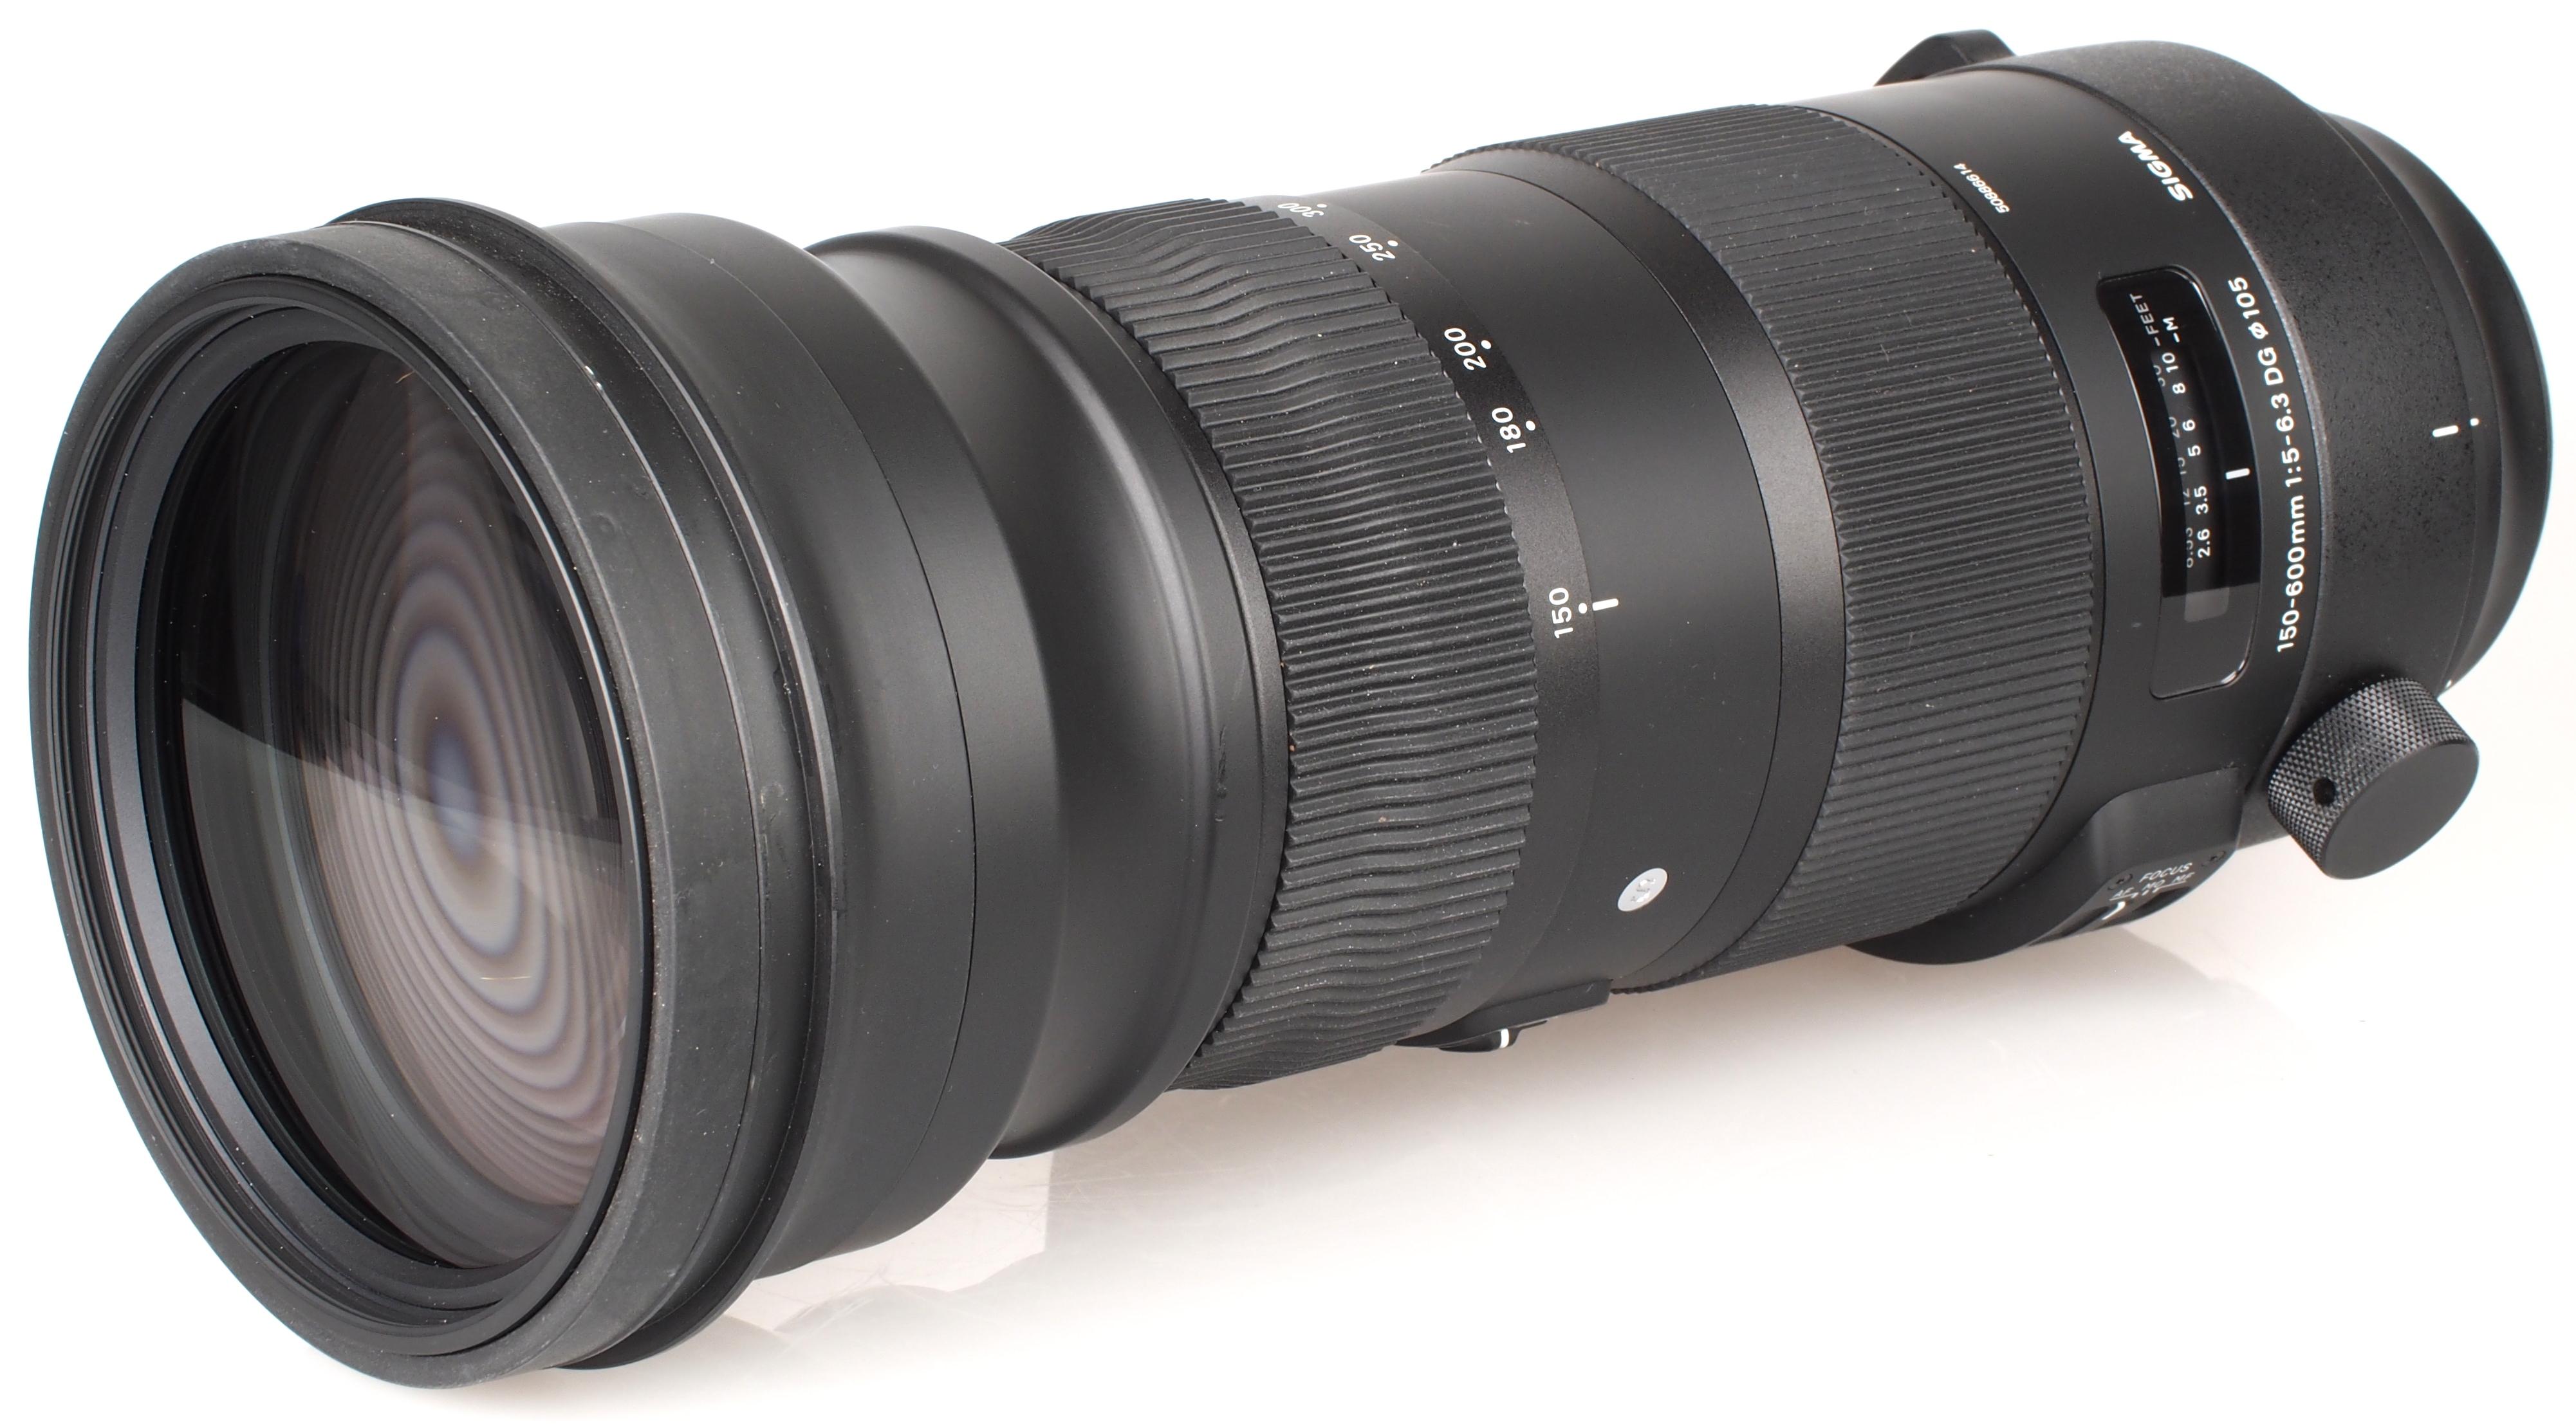 sigma 150 600mm f 5 6 3 dg os hsm sports lens review. Black Bedroom Furniture Sets. Home Design Ideas